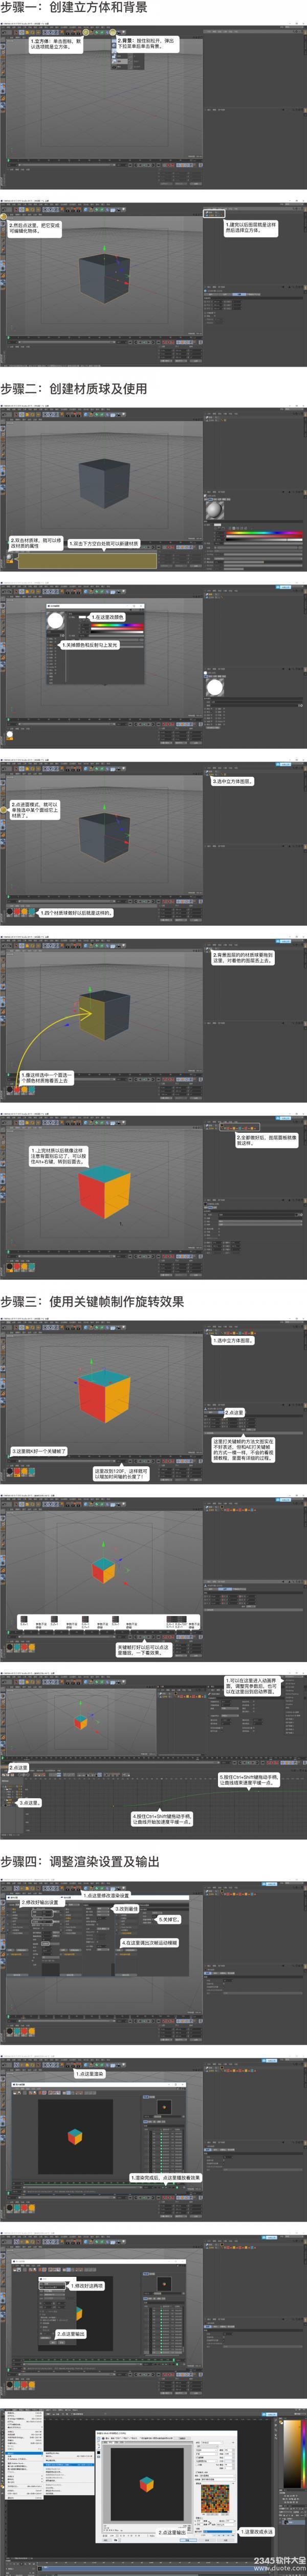 如何用C4D画出超简单的立方体旋转动效